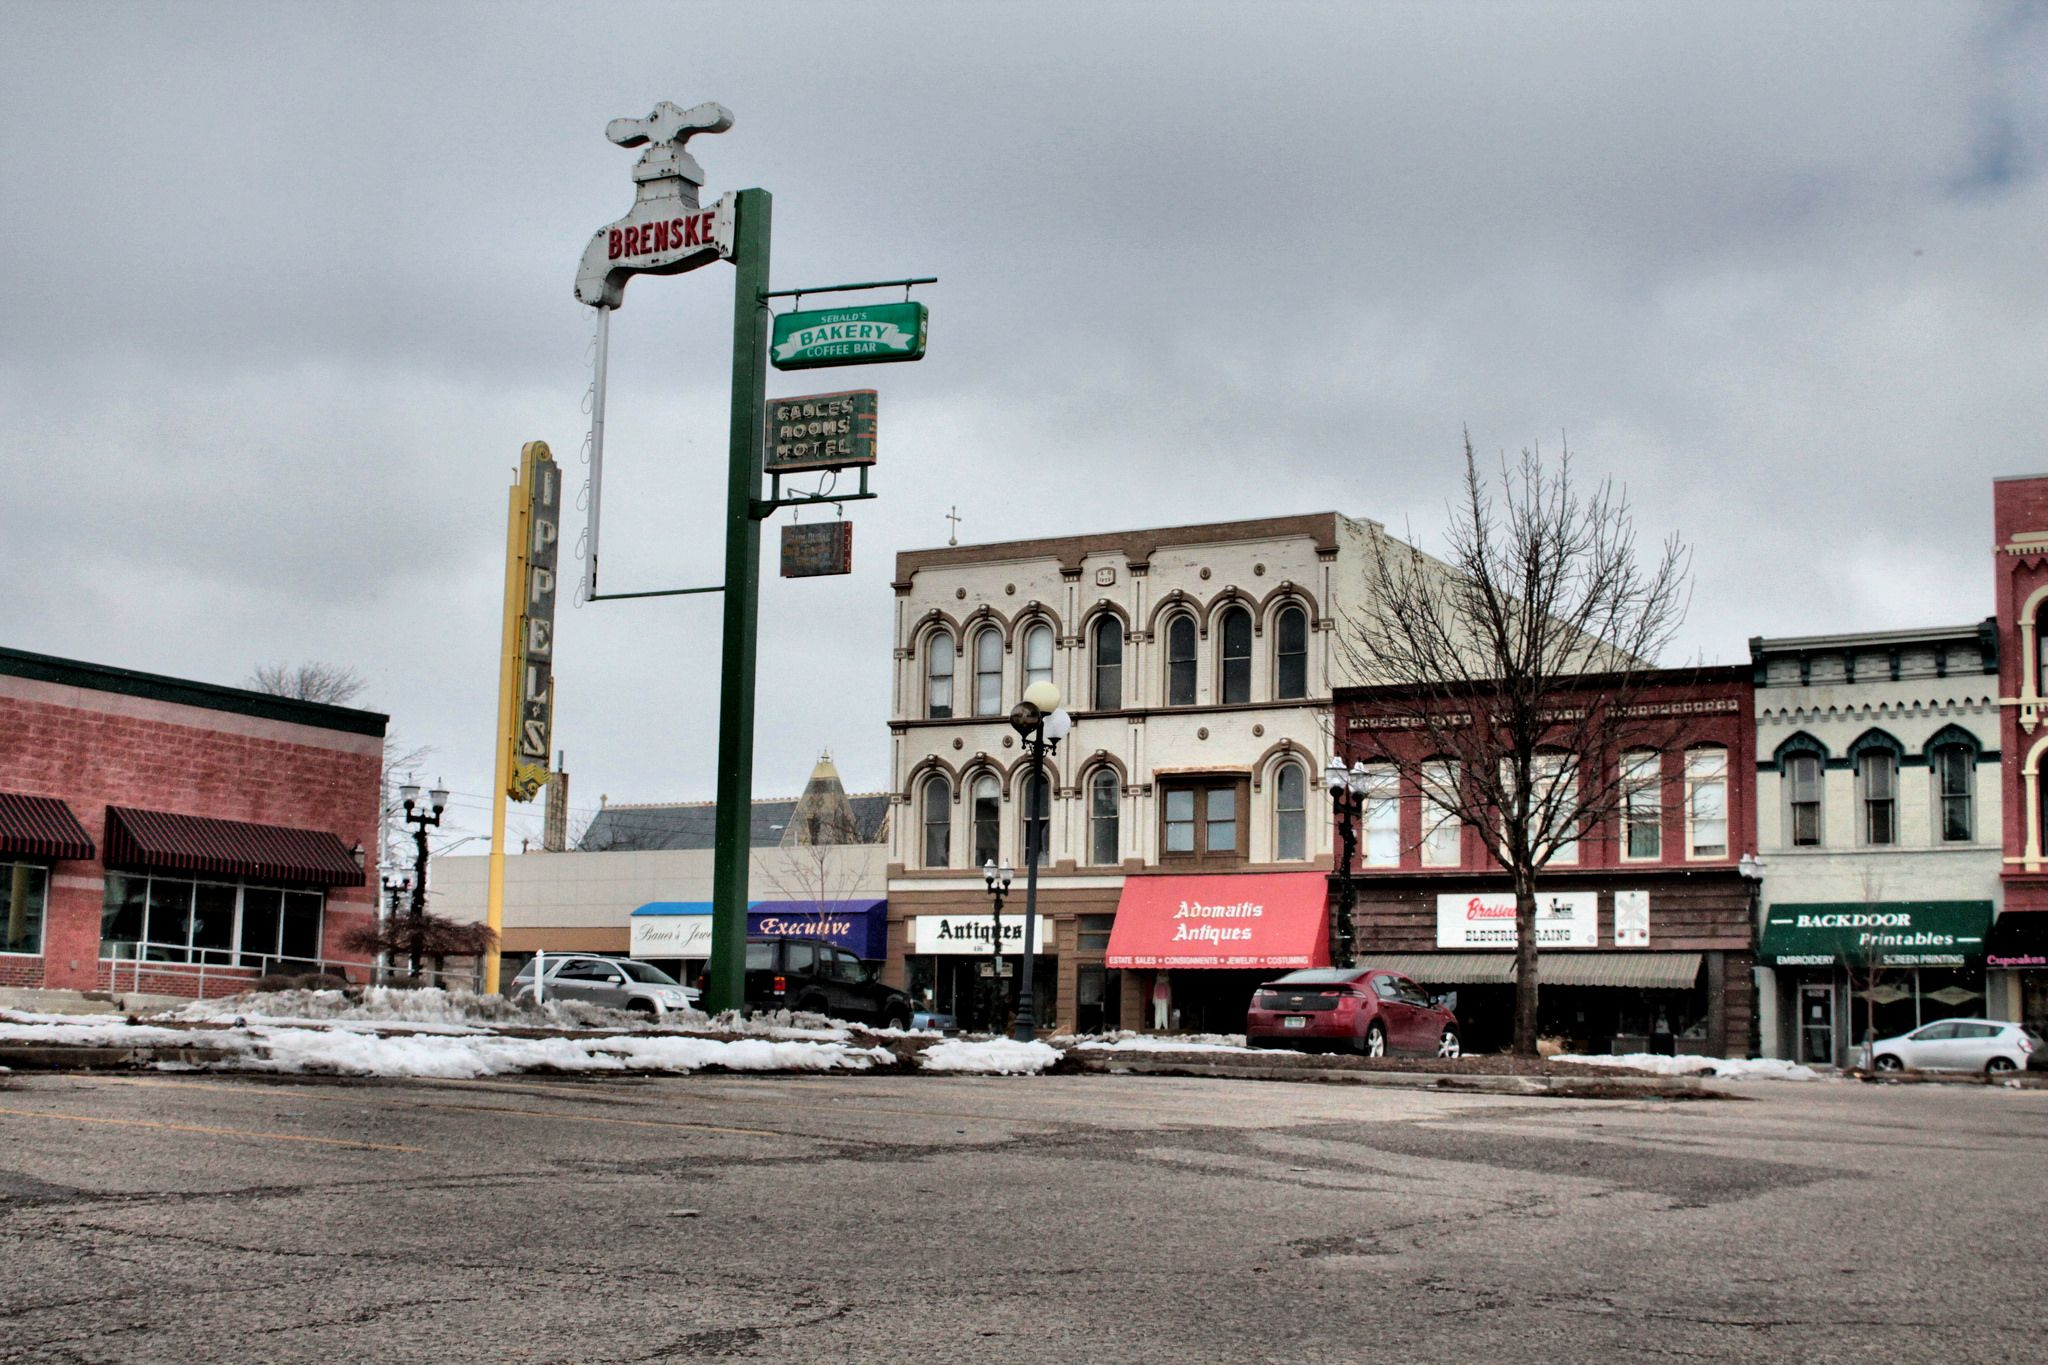 Img 3122 Saginaw Saginaw Michigan Old Town